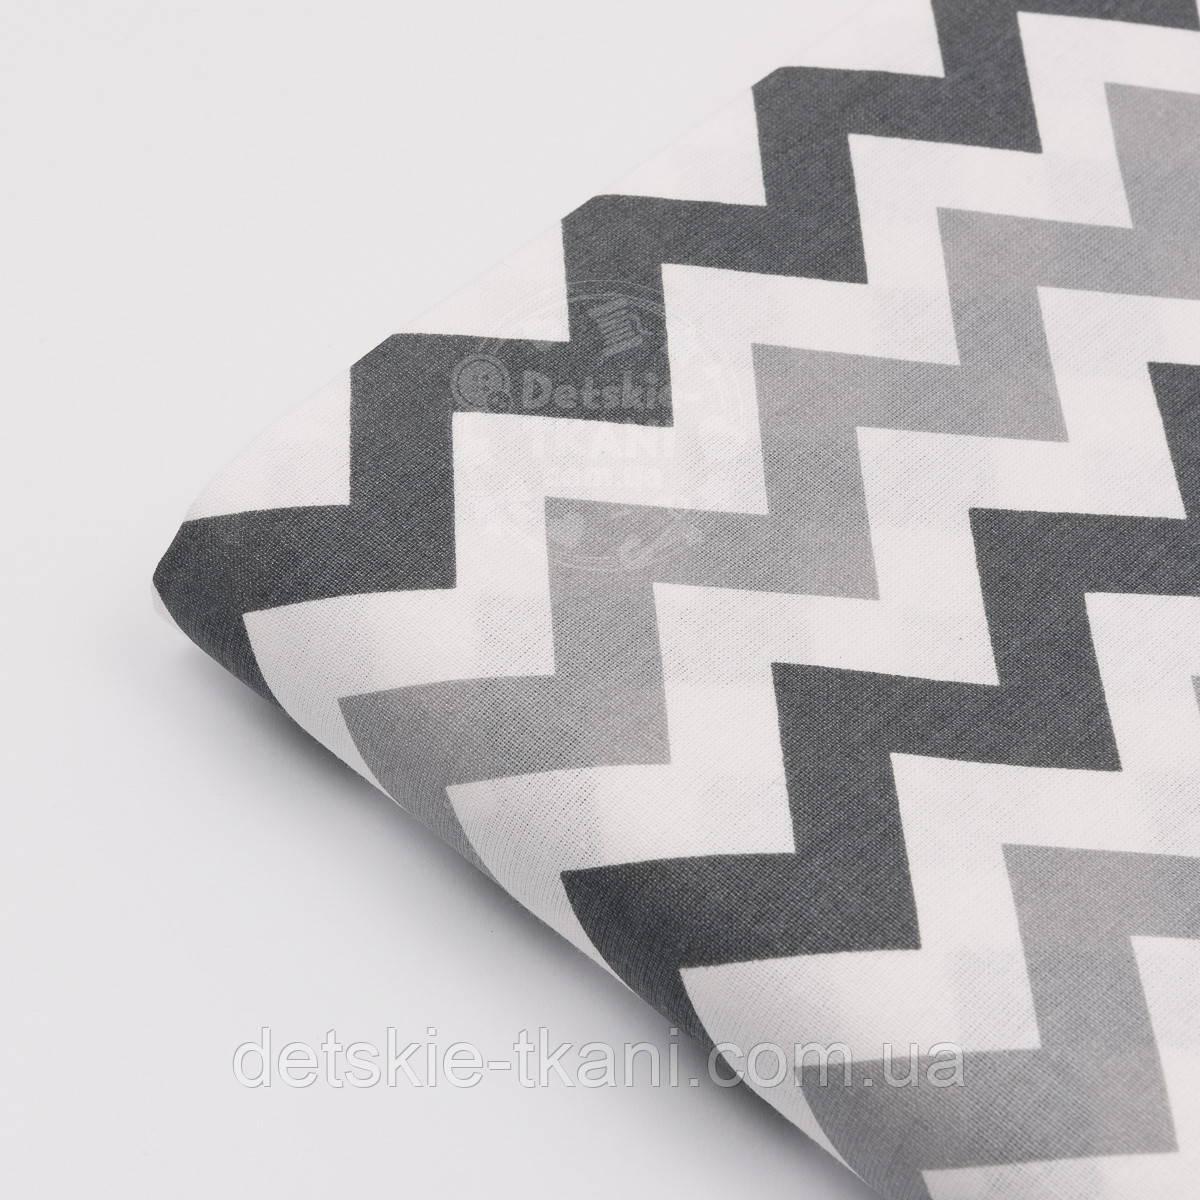 Отрез ткани №595а  с серыми и графитовыми зигзагами, размер 57*160